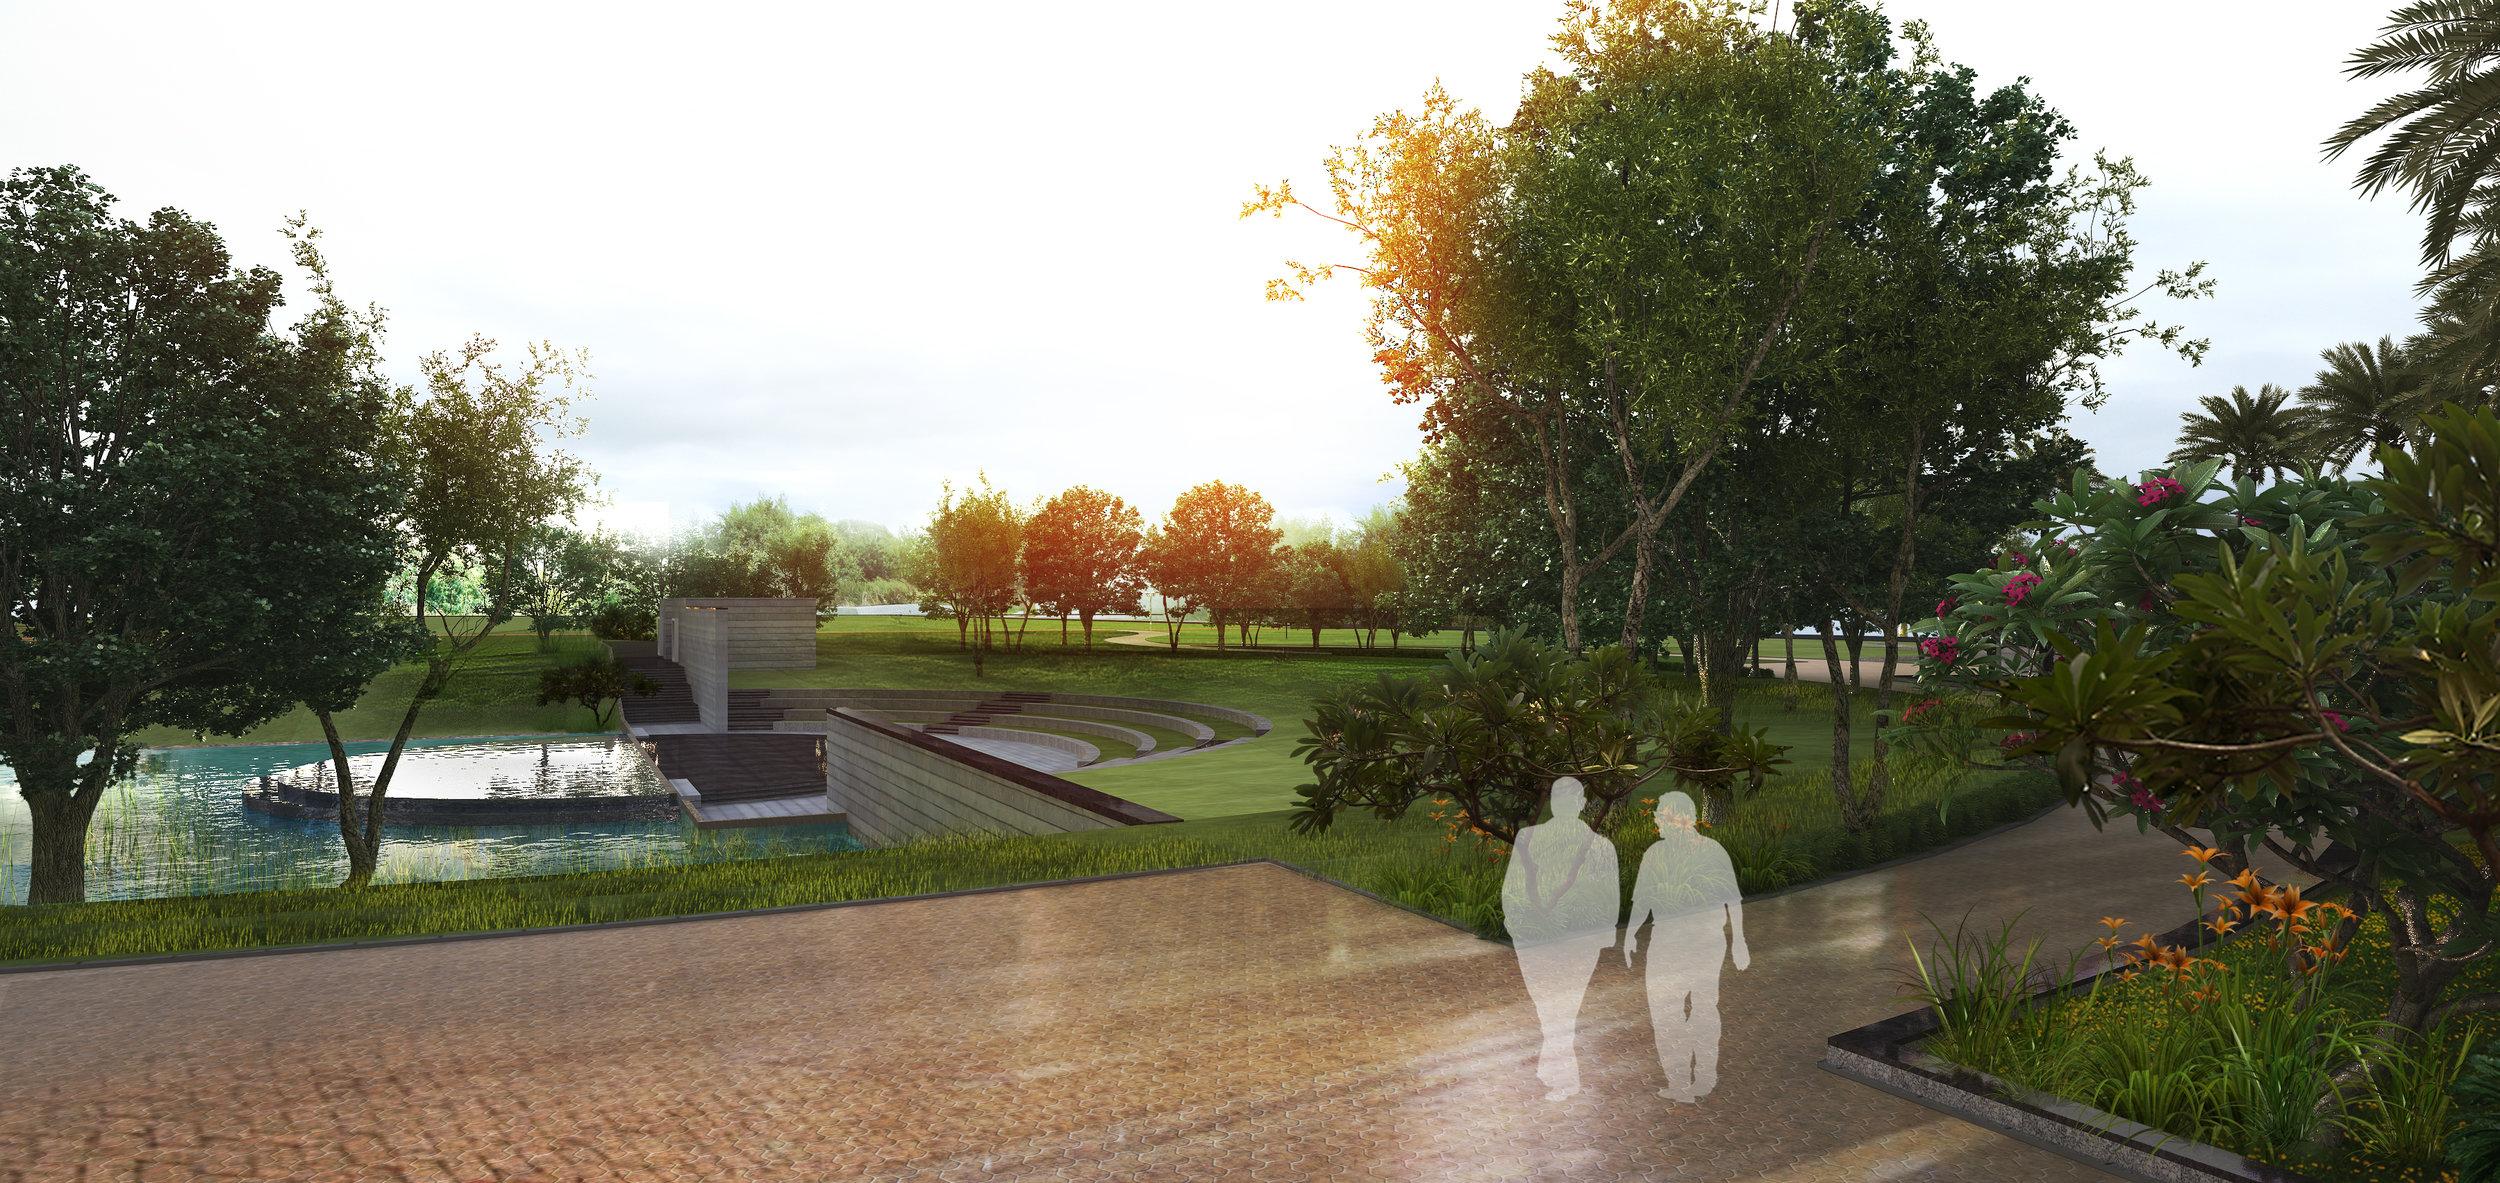 Ficus-landscape-bangalore-urban park-public-MH-01